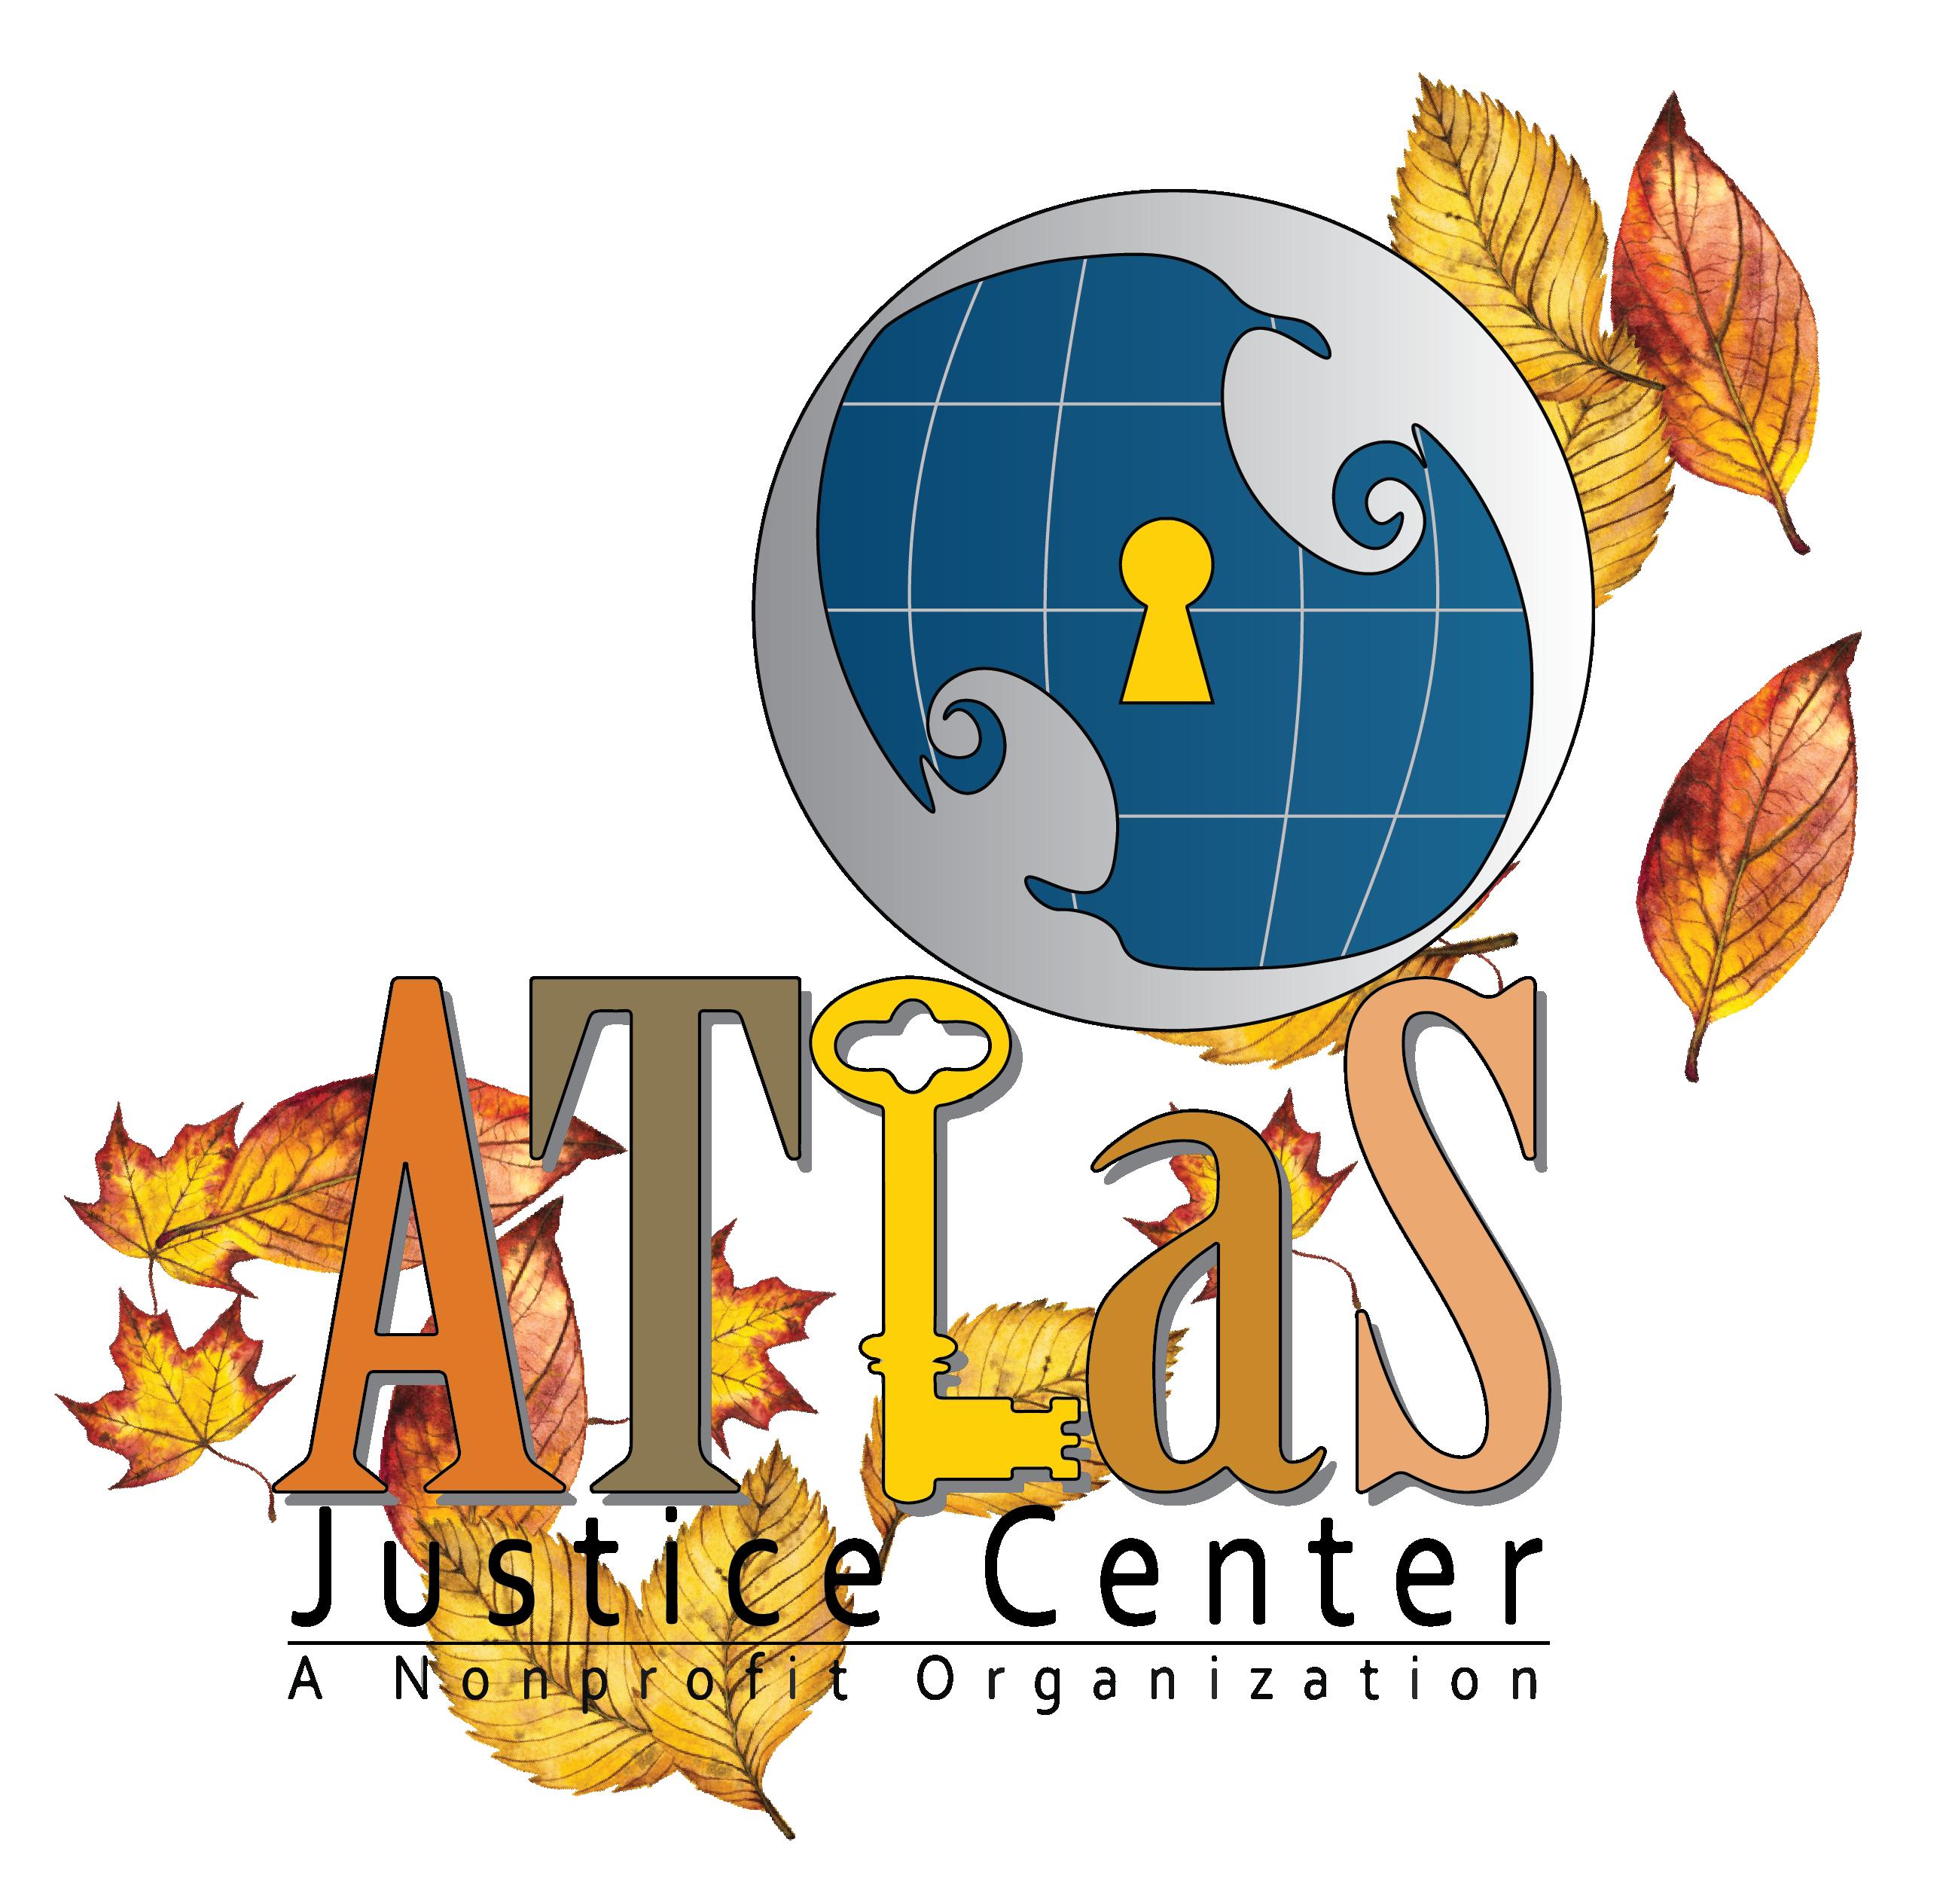 ATLaS Justice